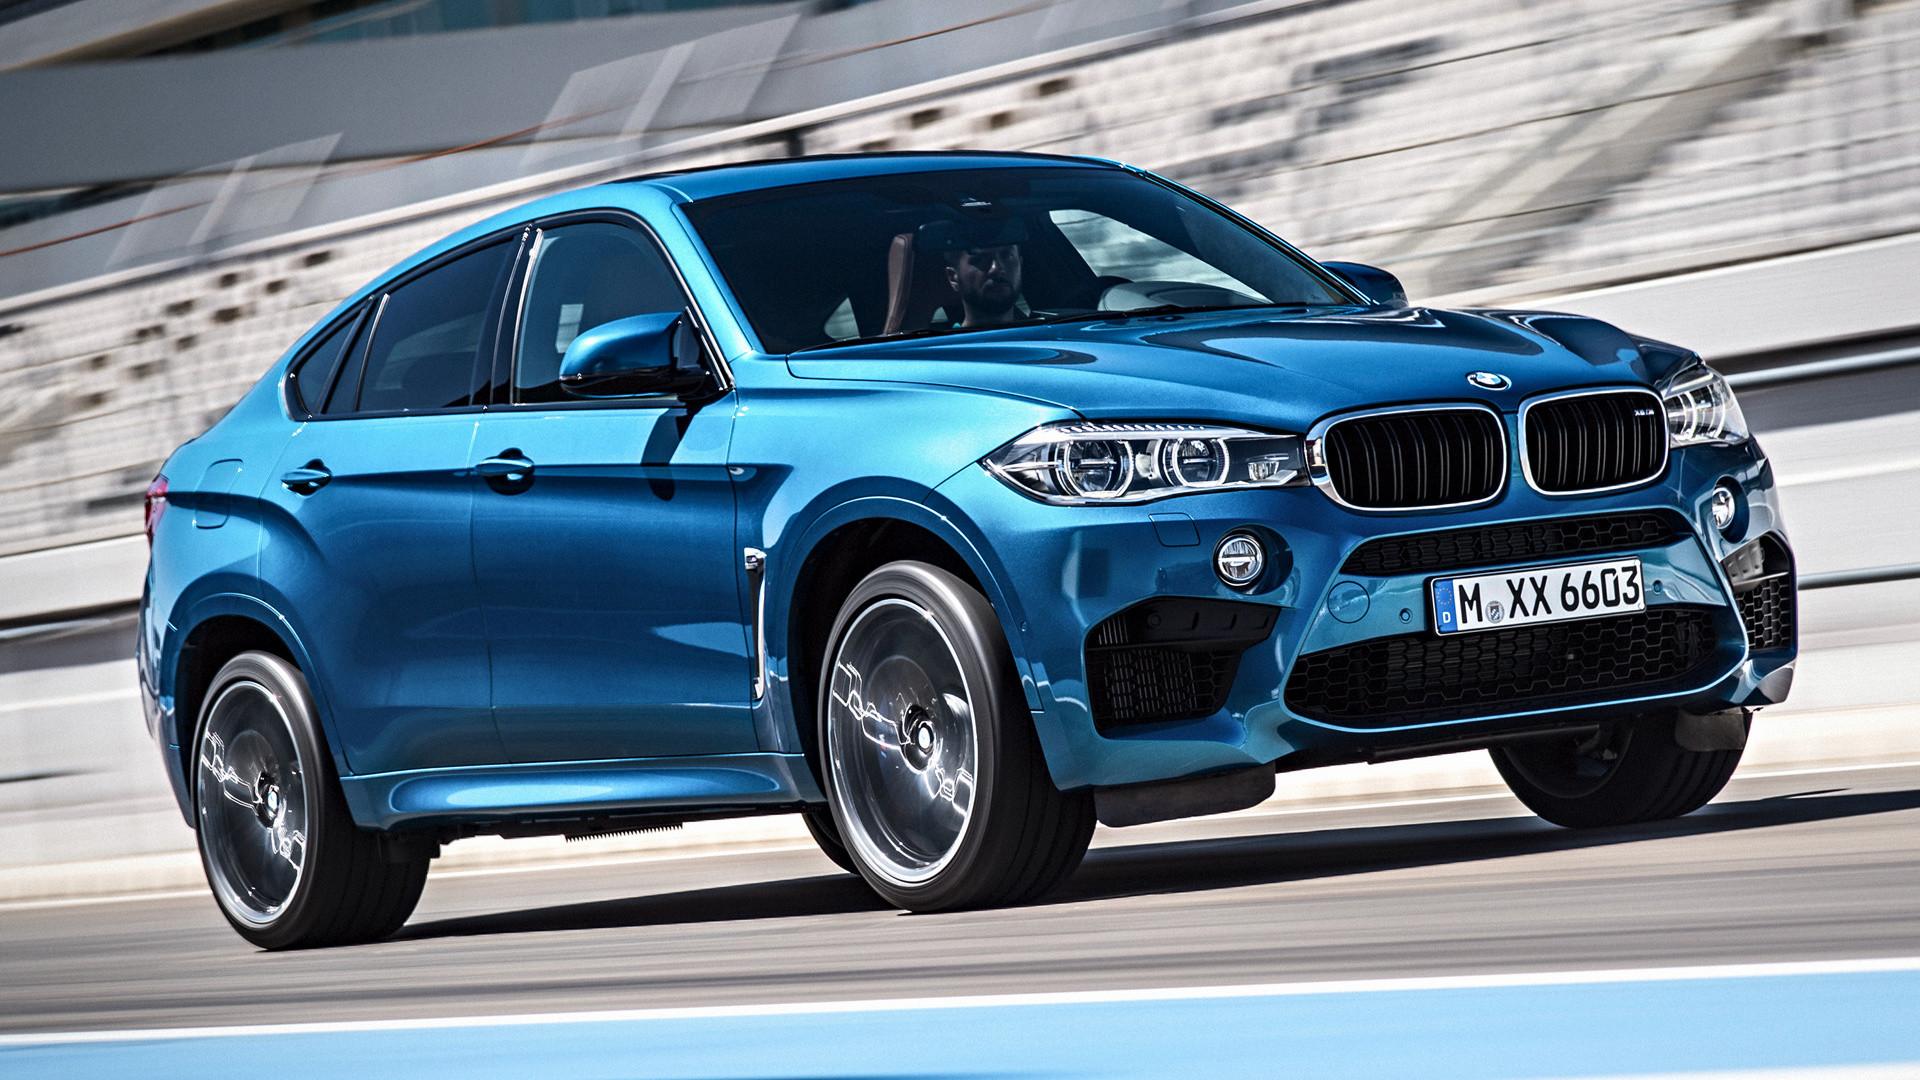 BMW X6 Wallpaper ·① WallpaperTag